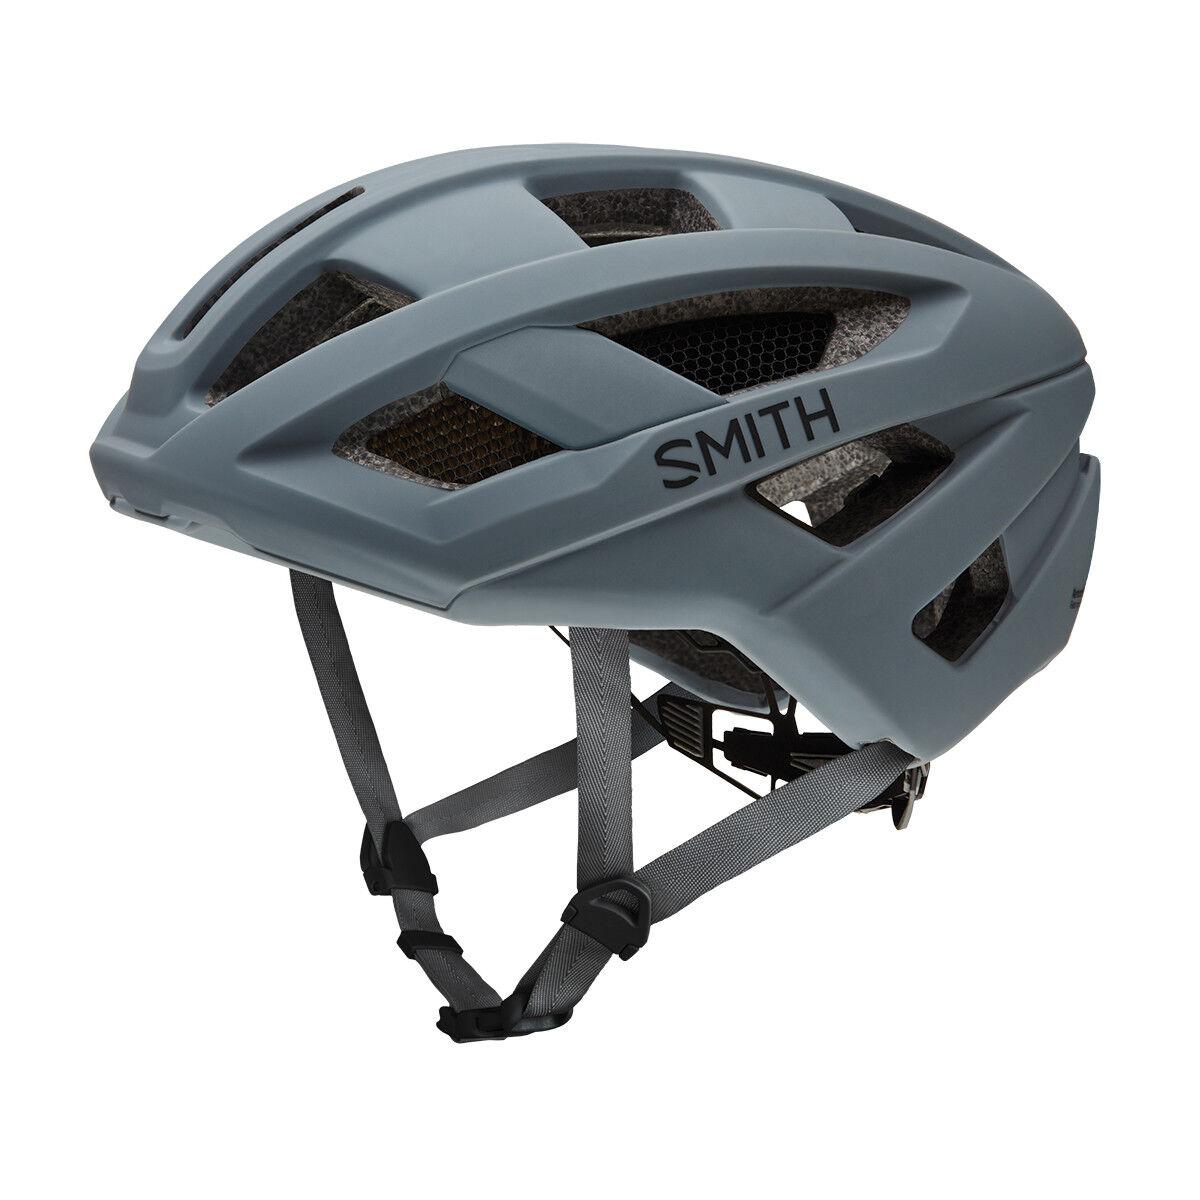 Smith Route Mips Cicislmo da Strada Caschetto Ciclista Opaca Carbone S M L Nuovo